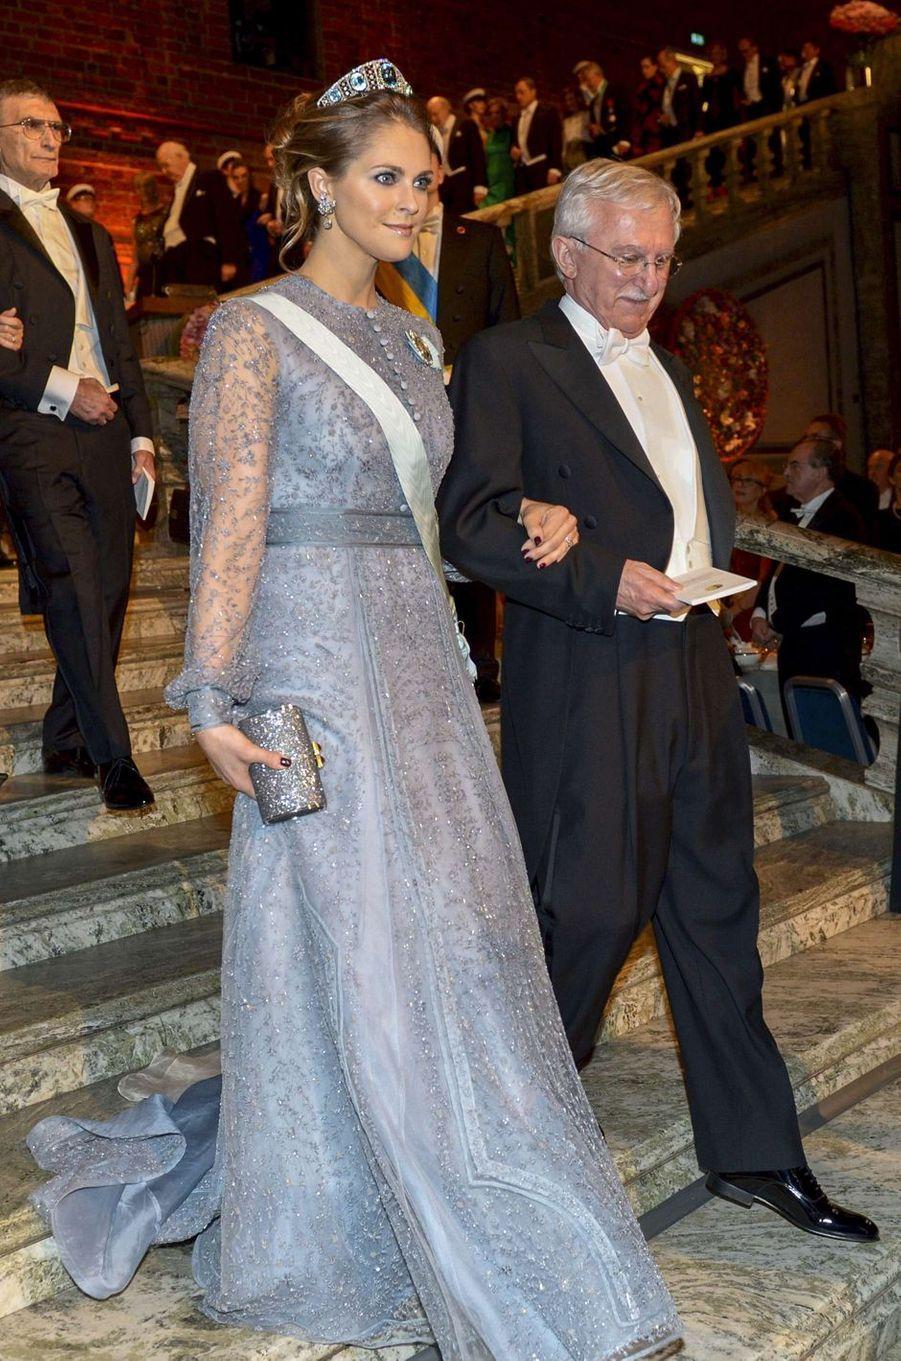 La princesse Madeleine de Suède à la cérémonie des Nobel, le 10 décembre 2015